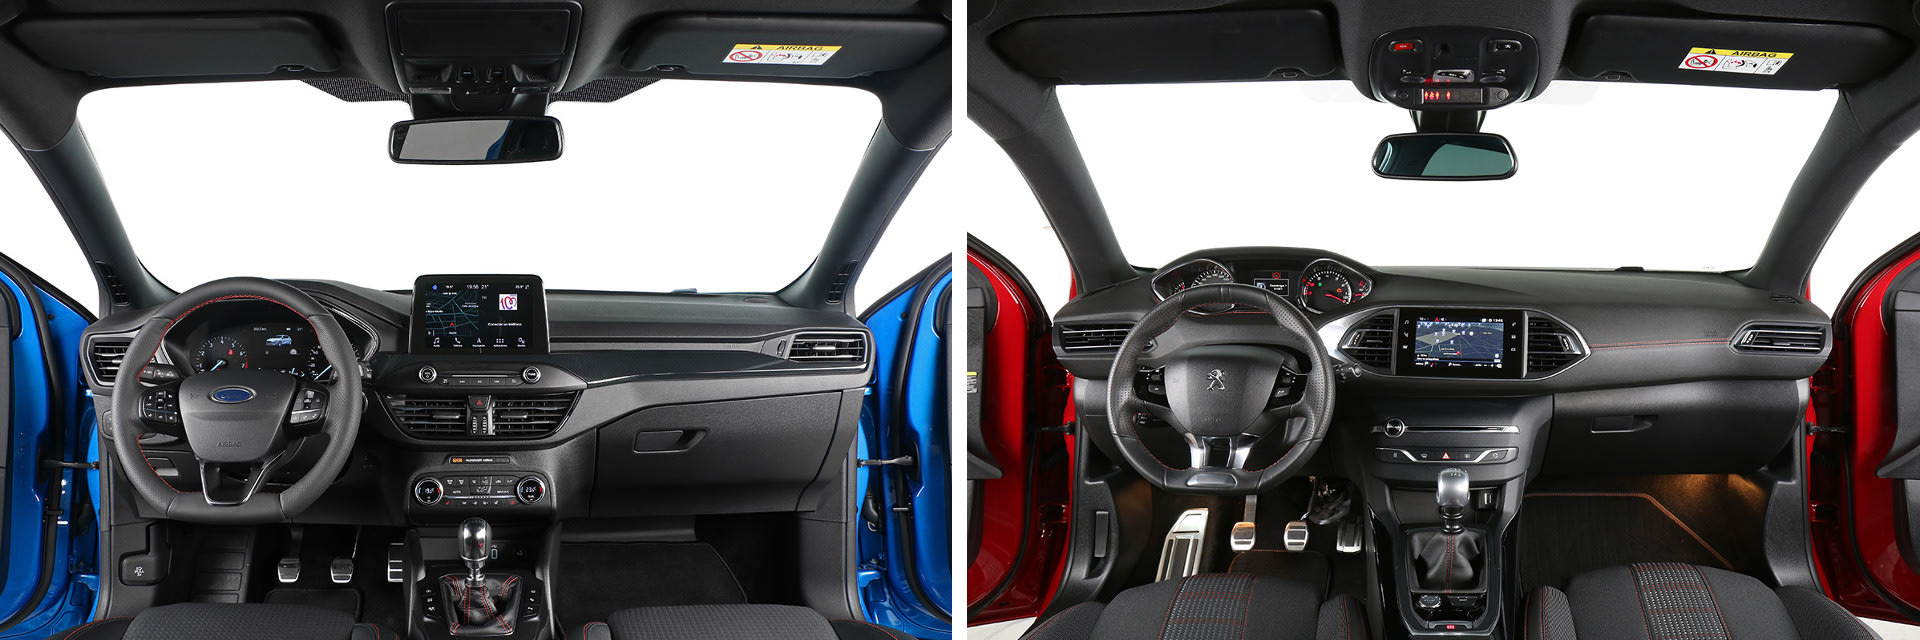 Ambos modelos cuentan con buenos materiales de recubrimiento, aunque los del Peugeot 308 (dcha.) están mejor ensamblados y hacen menos ruido durante la conducción.